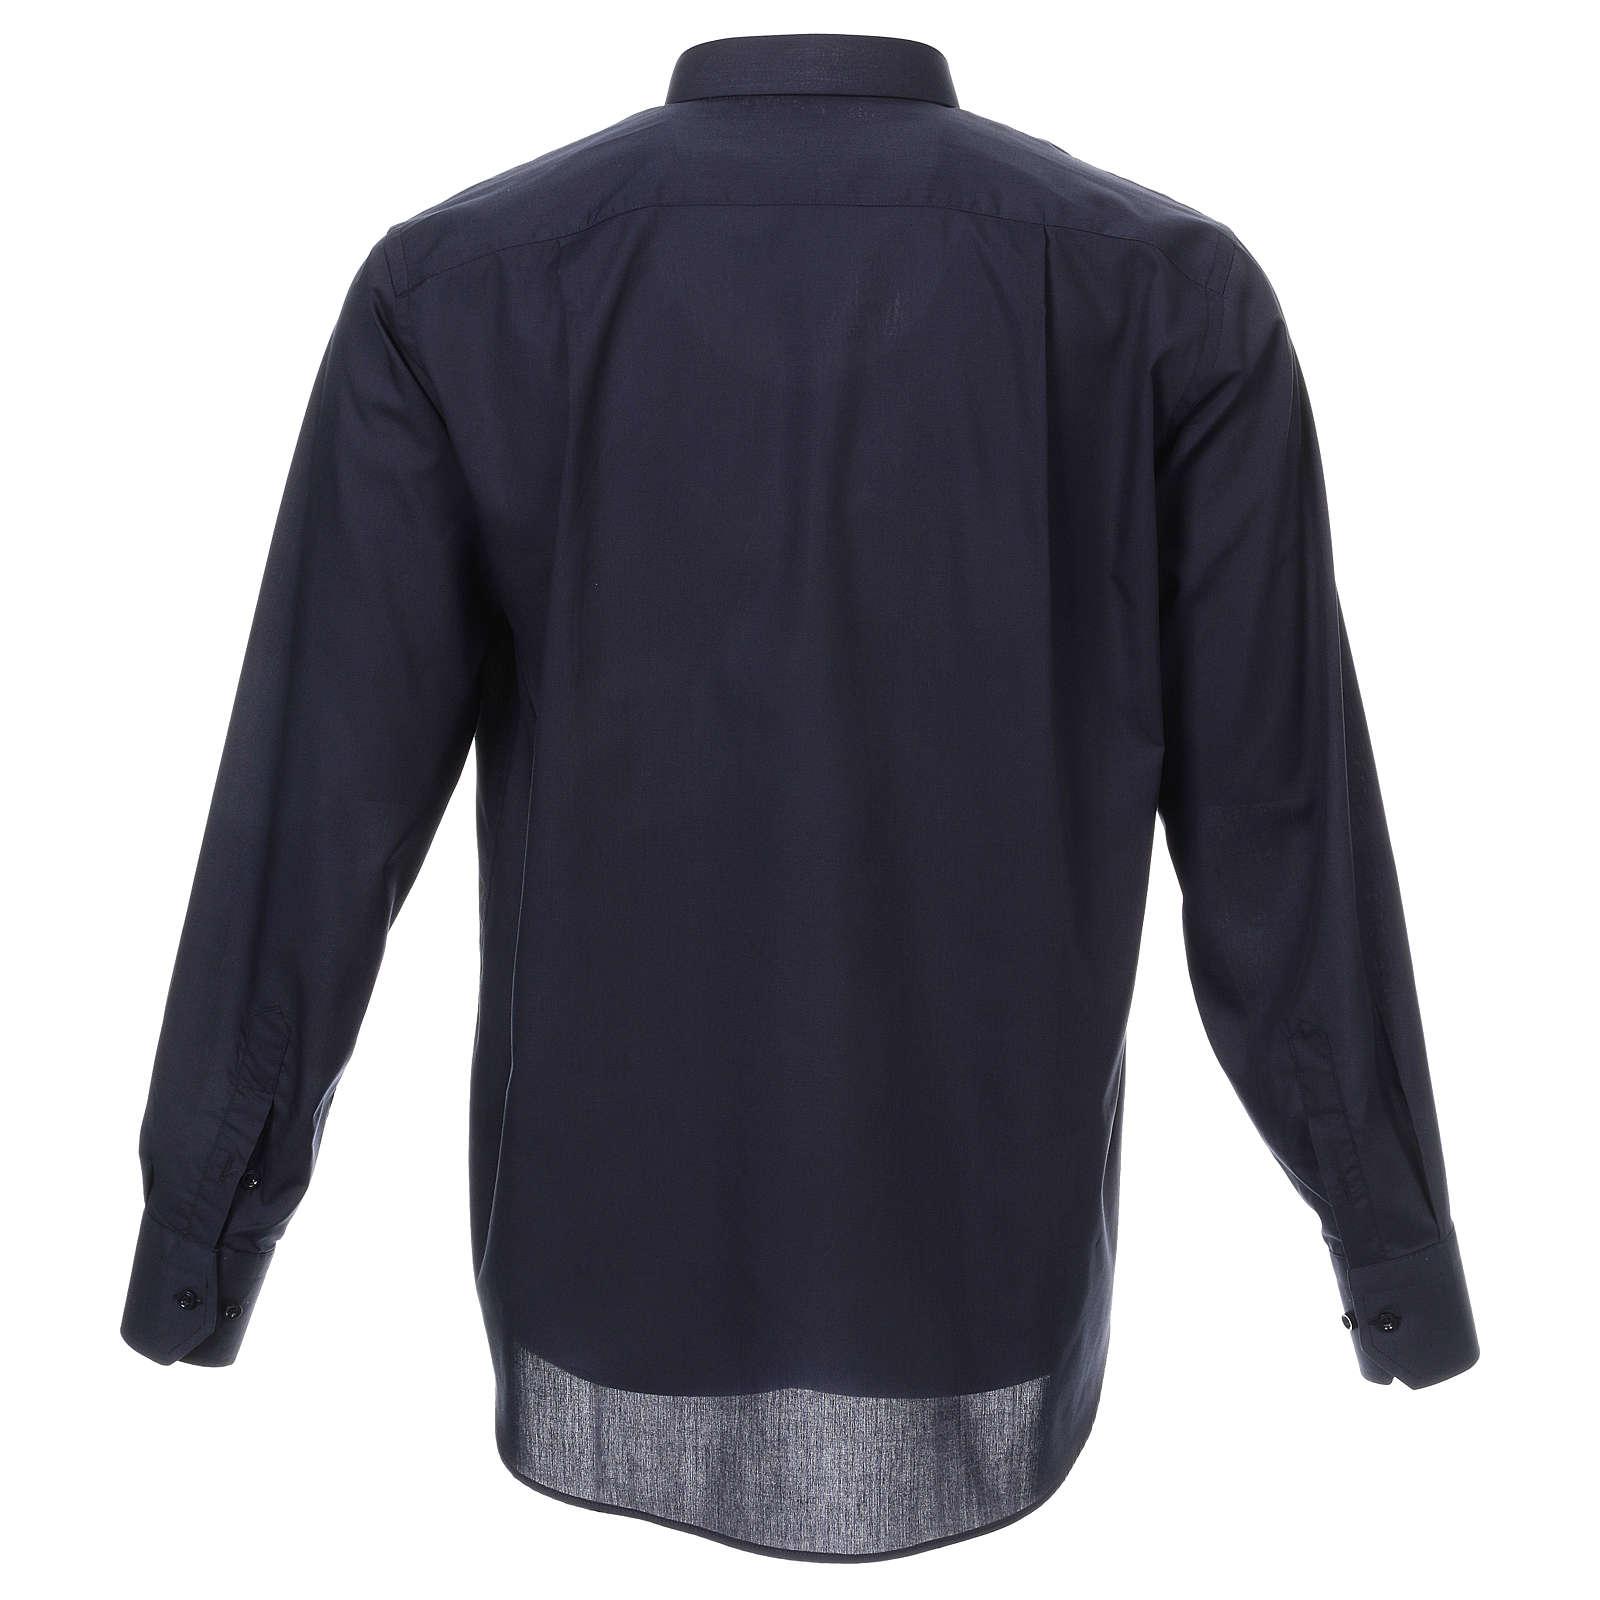 Koszula rzymska kapłańska Granatowa jednolity kolor Długi Rękaw 4